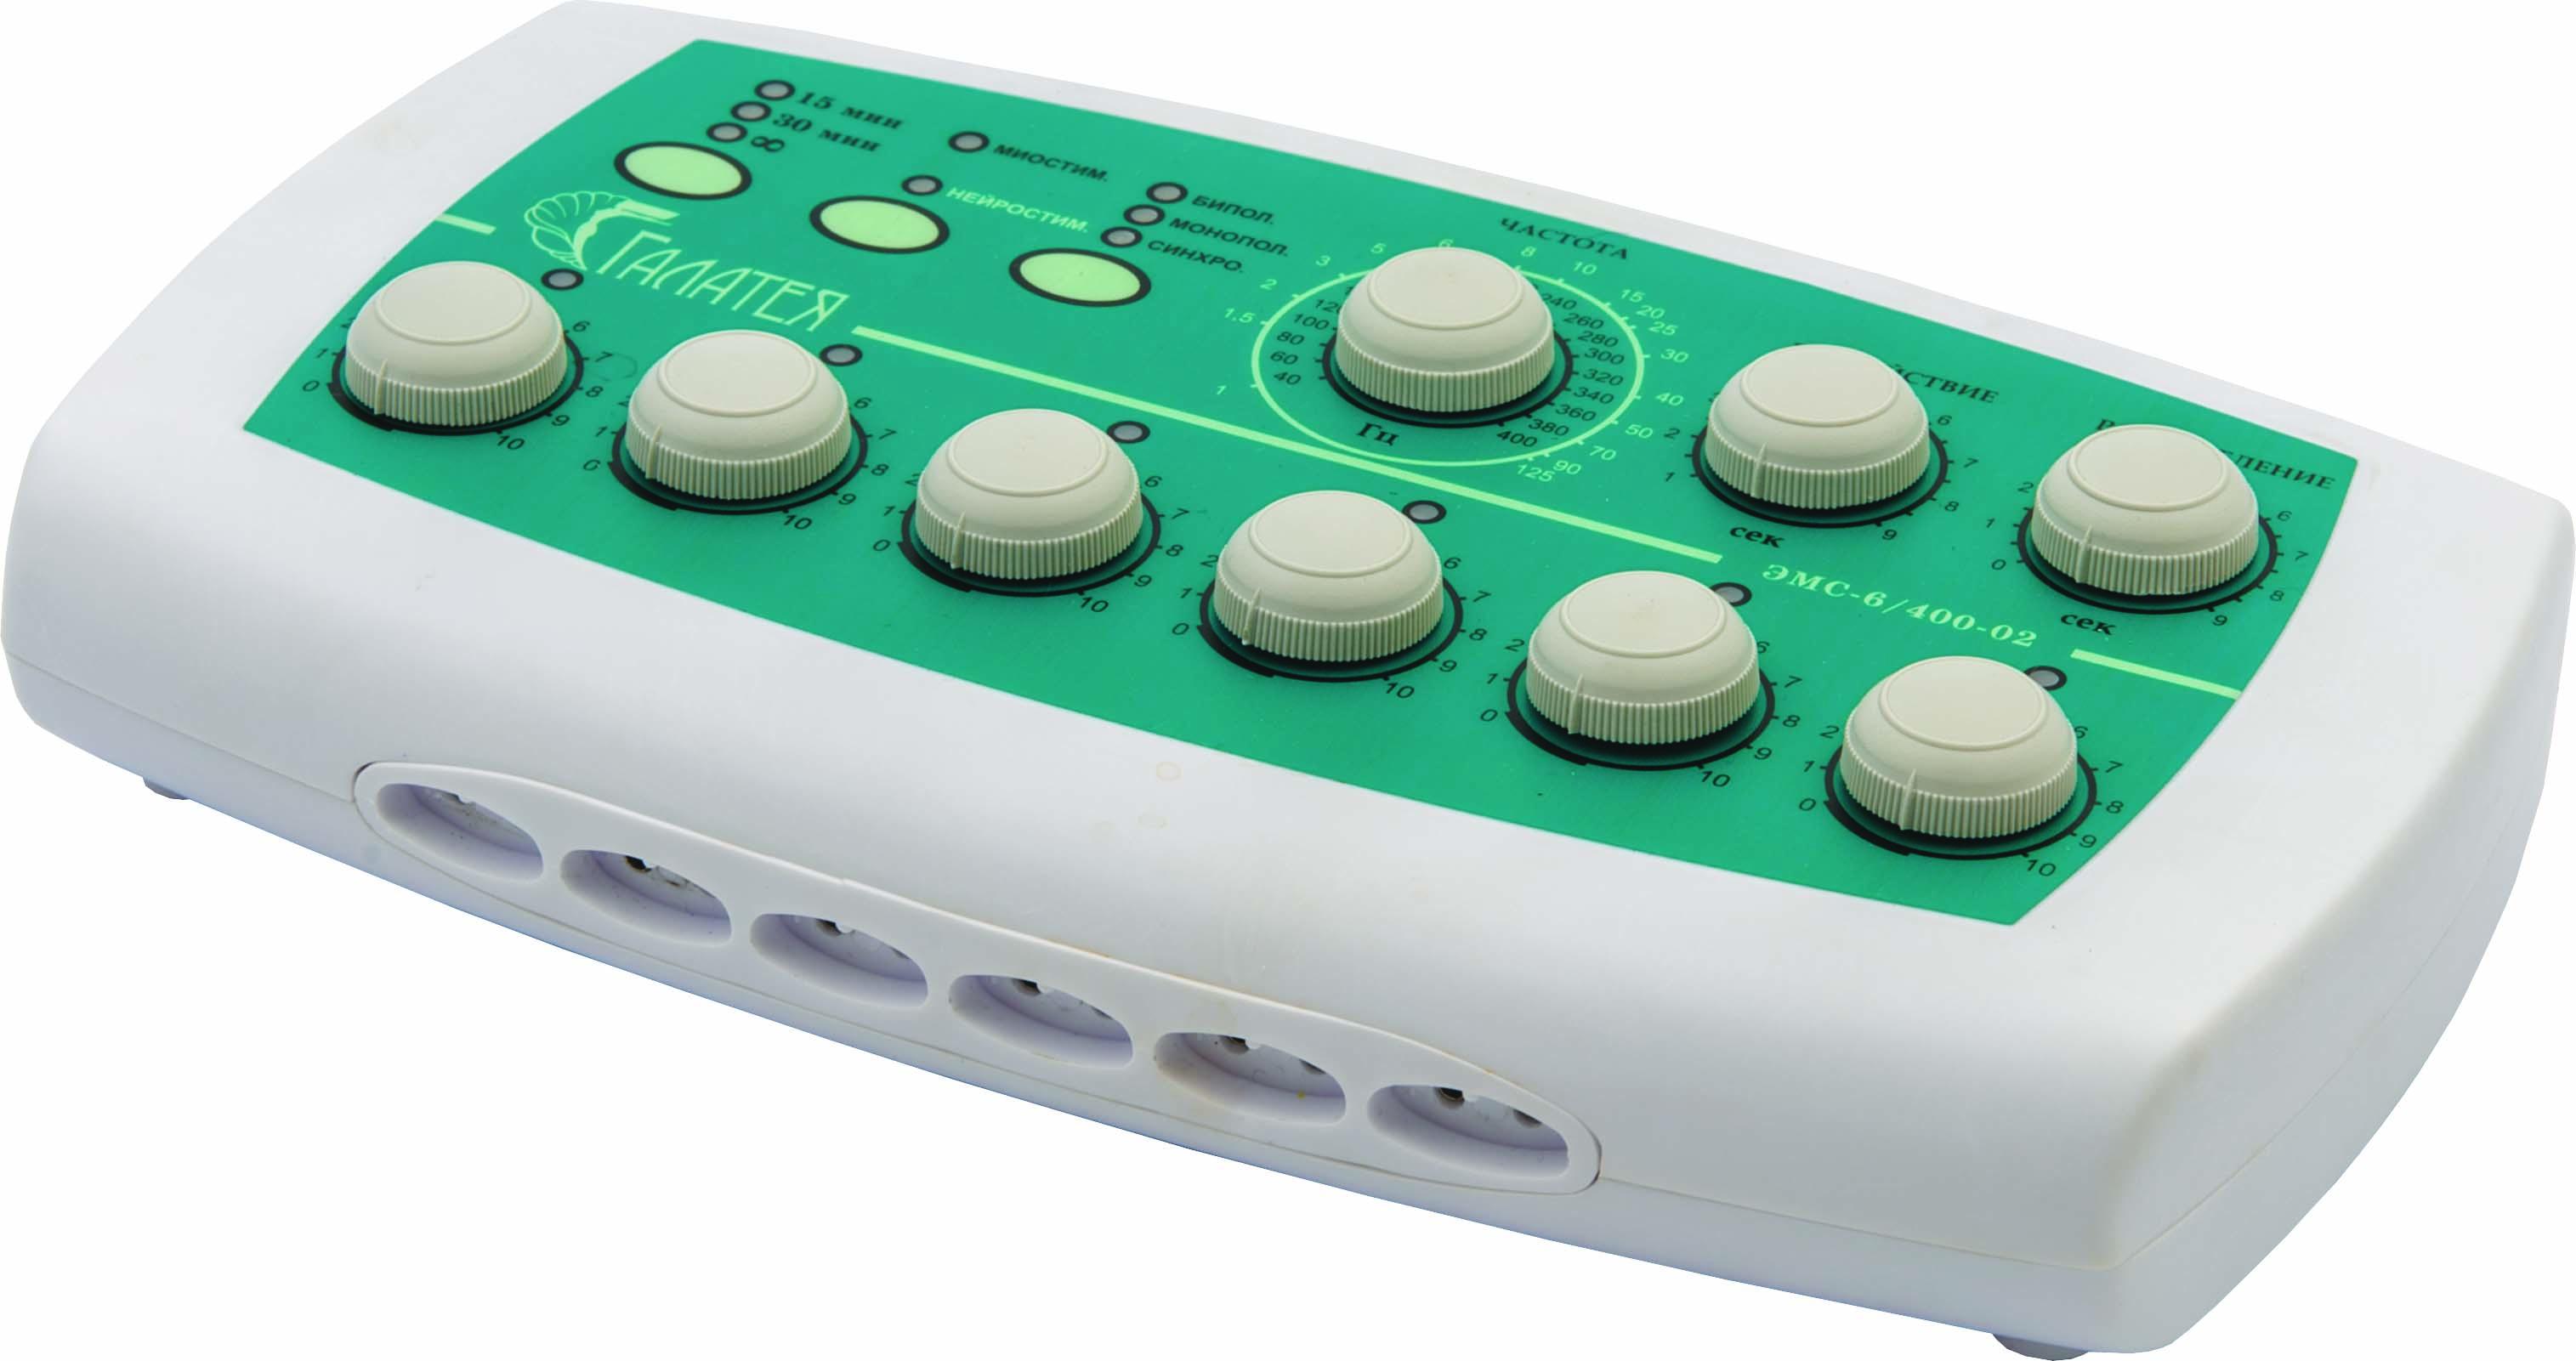 Электромиостимулятор шестиканальный с регулируемой частотой импульсов ЭМС 6/400-02 «Галатея»